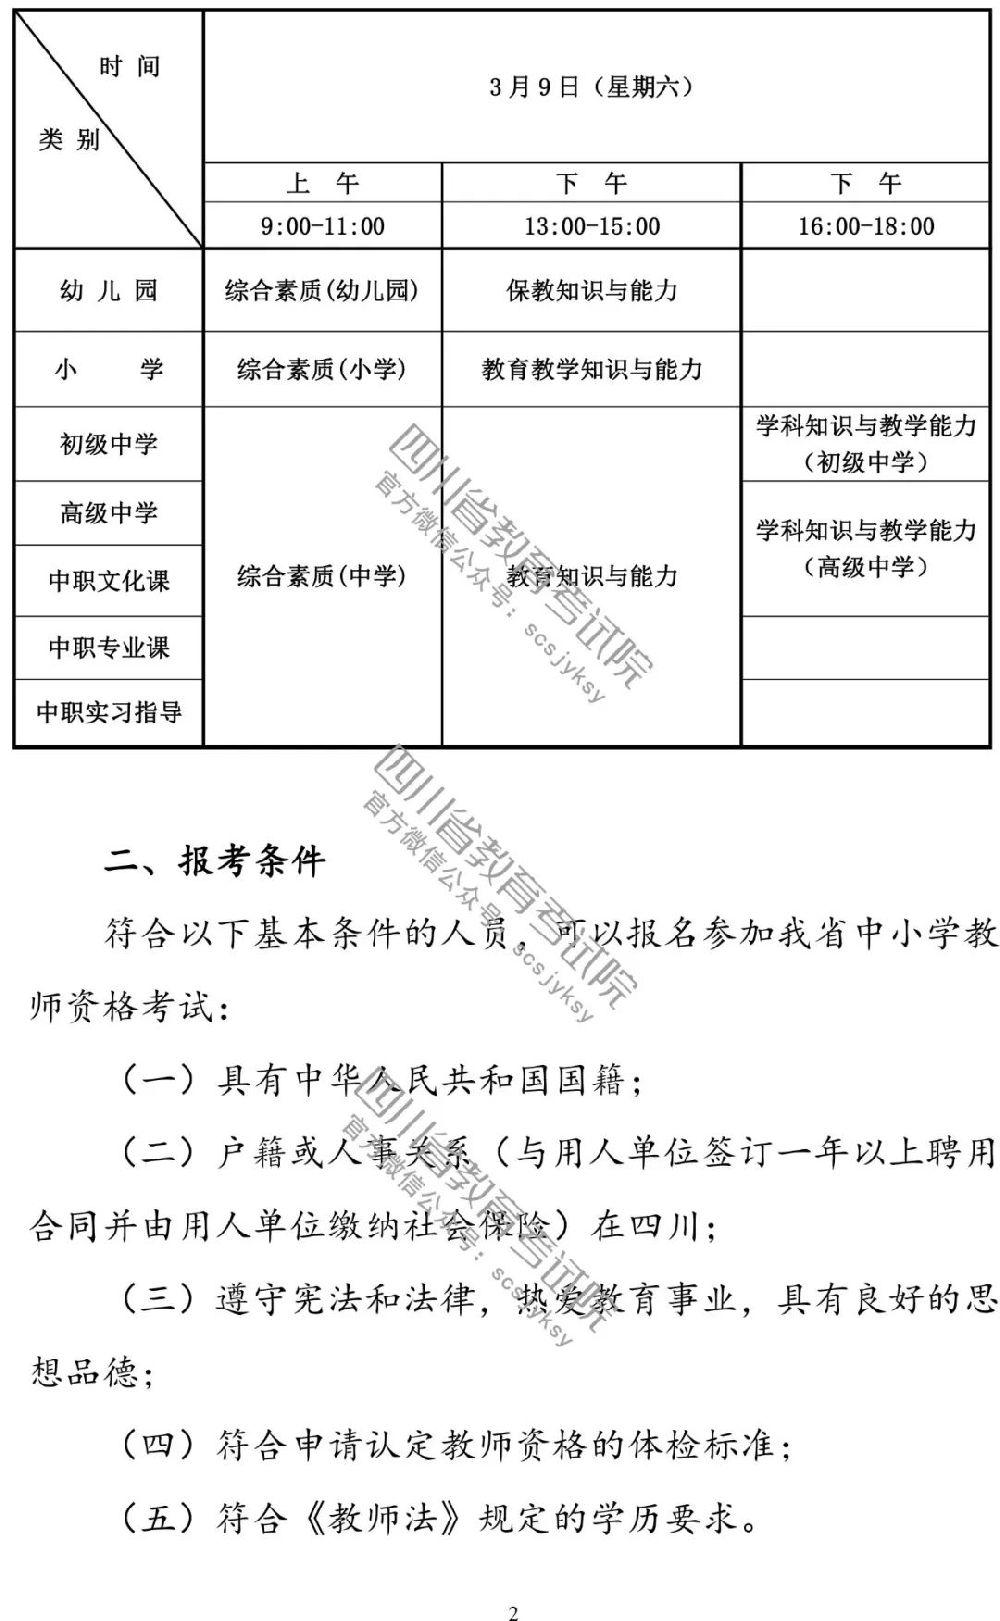 四川省2019年上半年中小学教师资格考试 报名公告